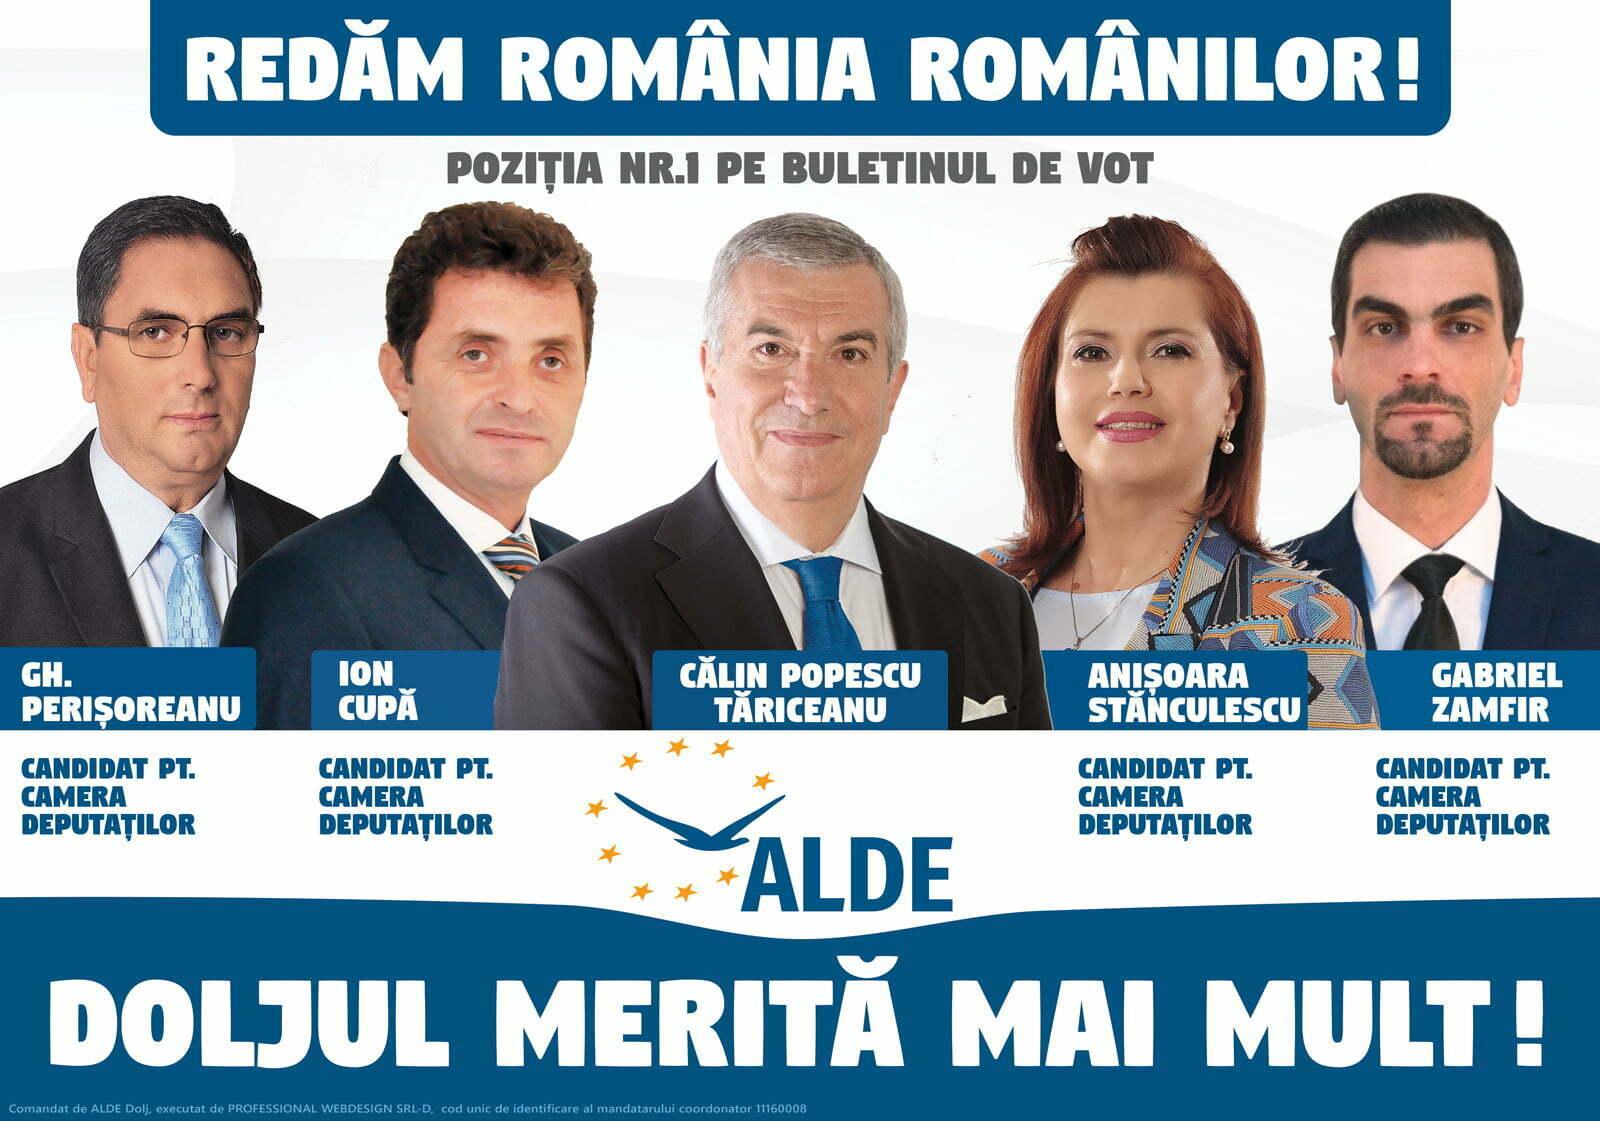 ALDE DOLJ: Cerem PNL să accepte o confruntare electorală cu ALDE pe tema soluţiilor liberale pentru România